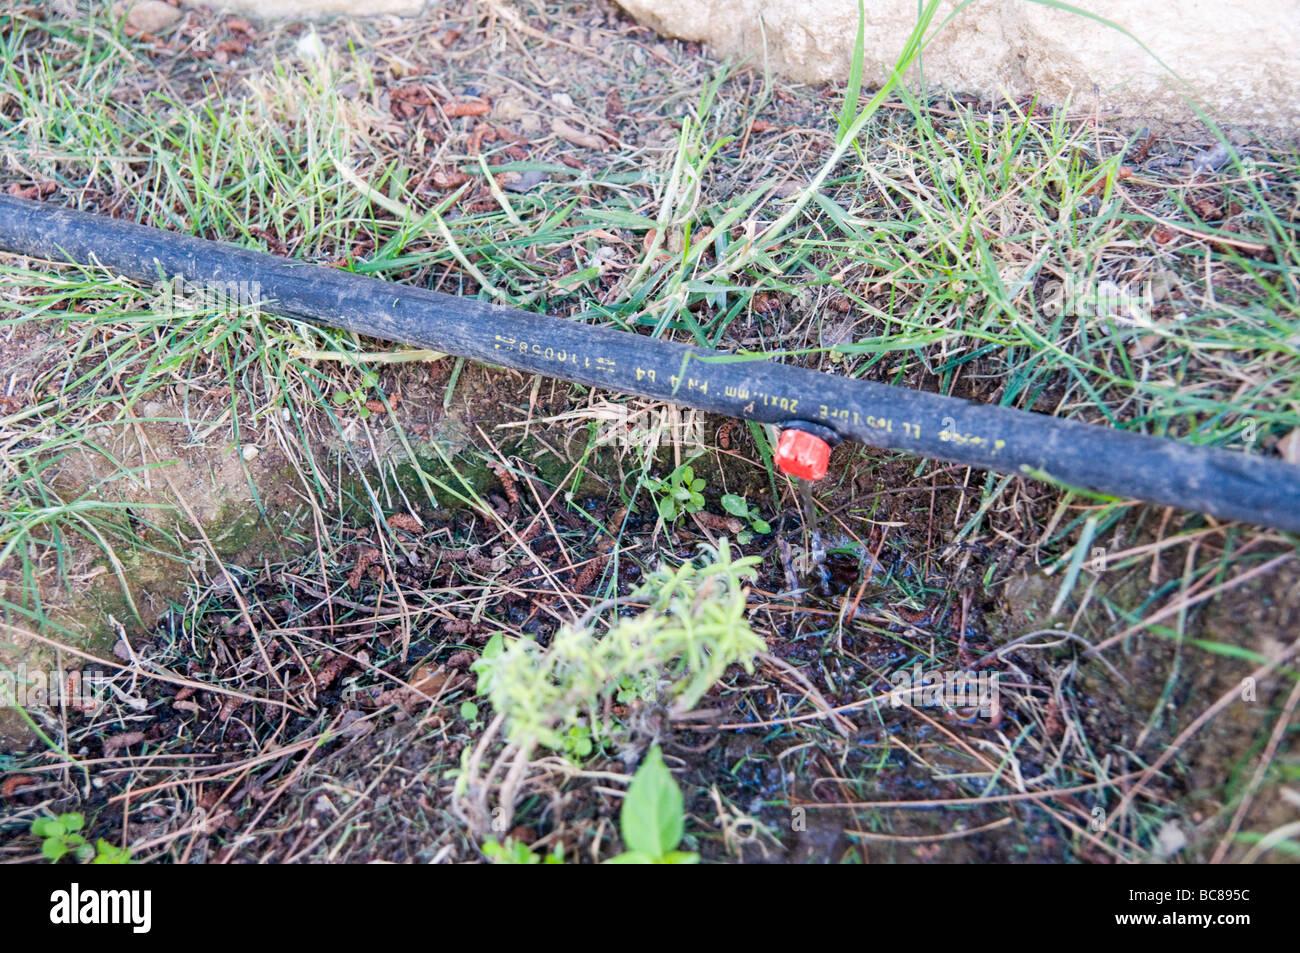 Garten Bewasserung System Tropfchenbewasserung Bewasserung Von